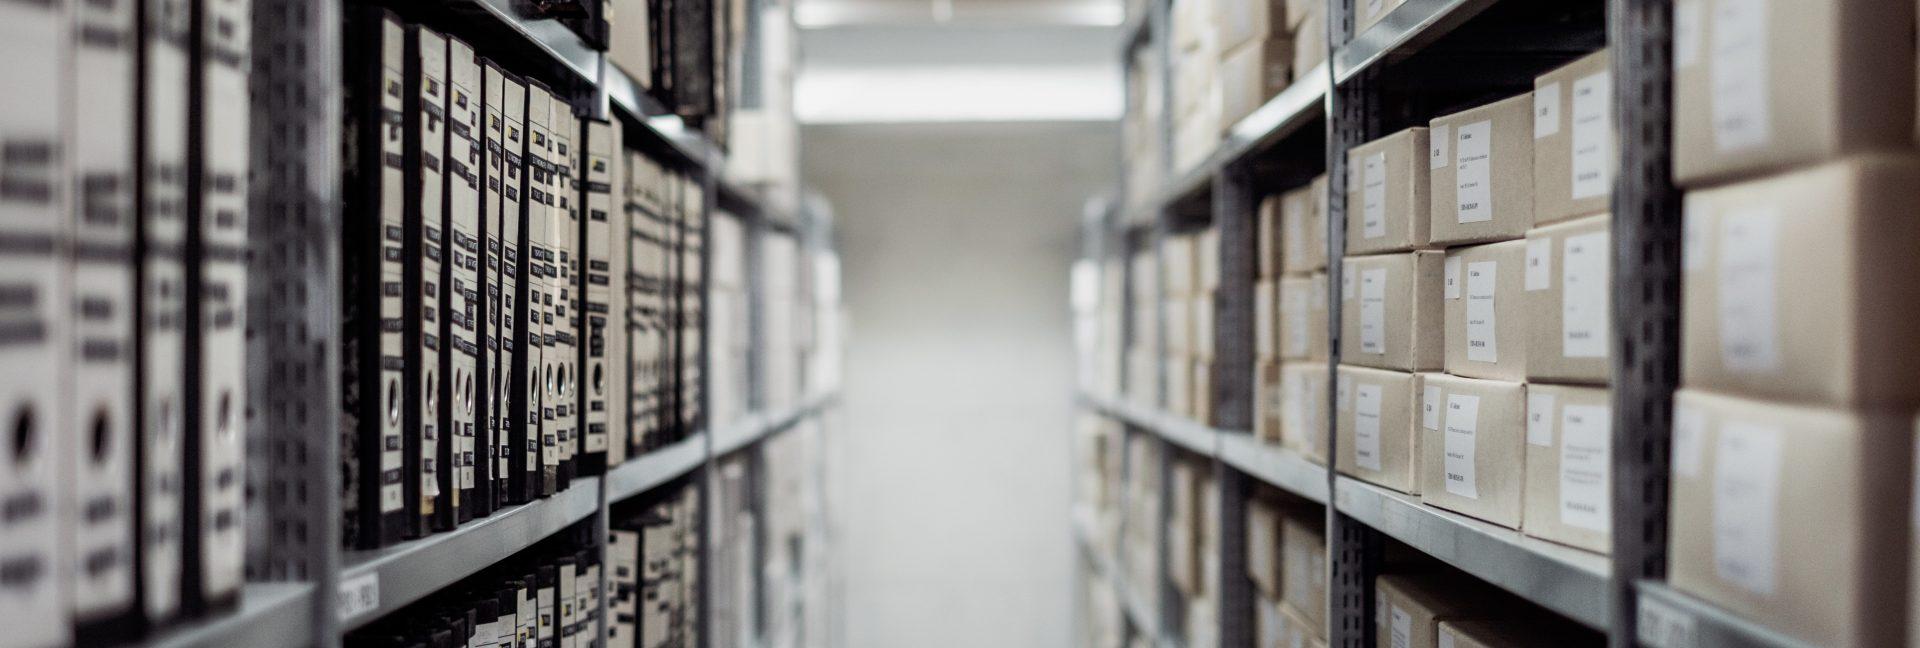 sala de arquivos em caixas organizadas